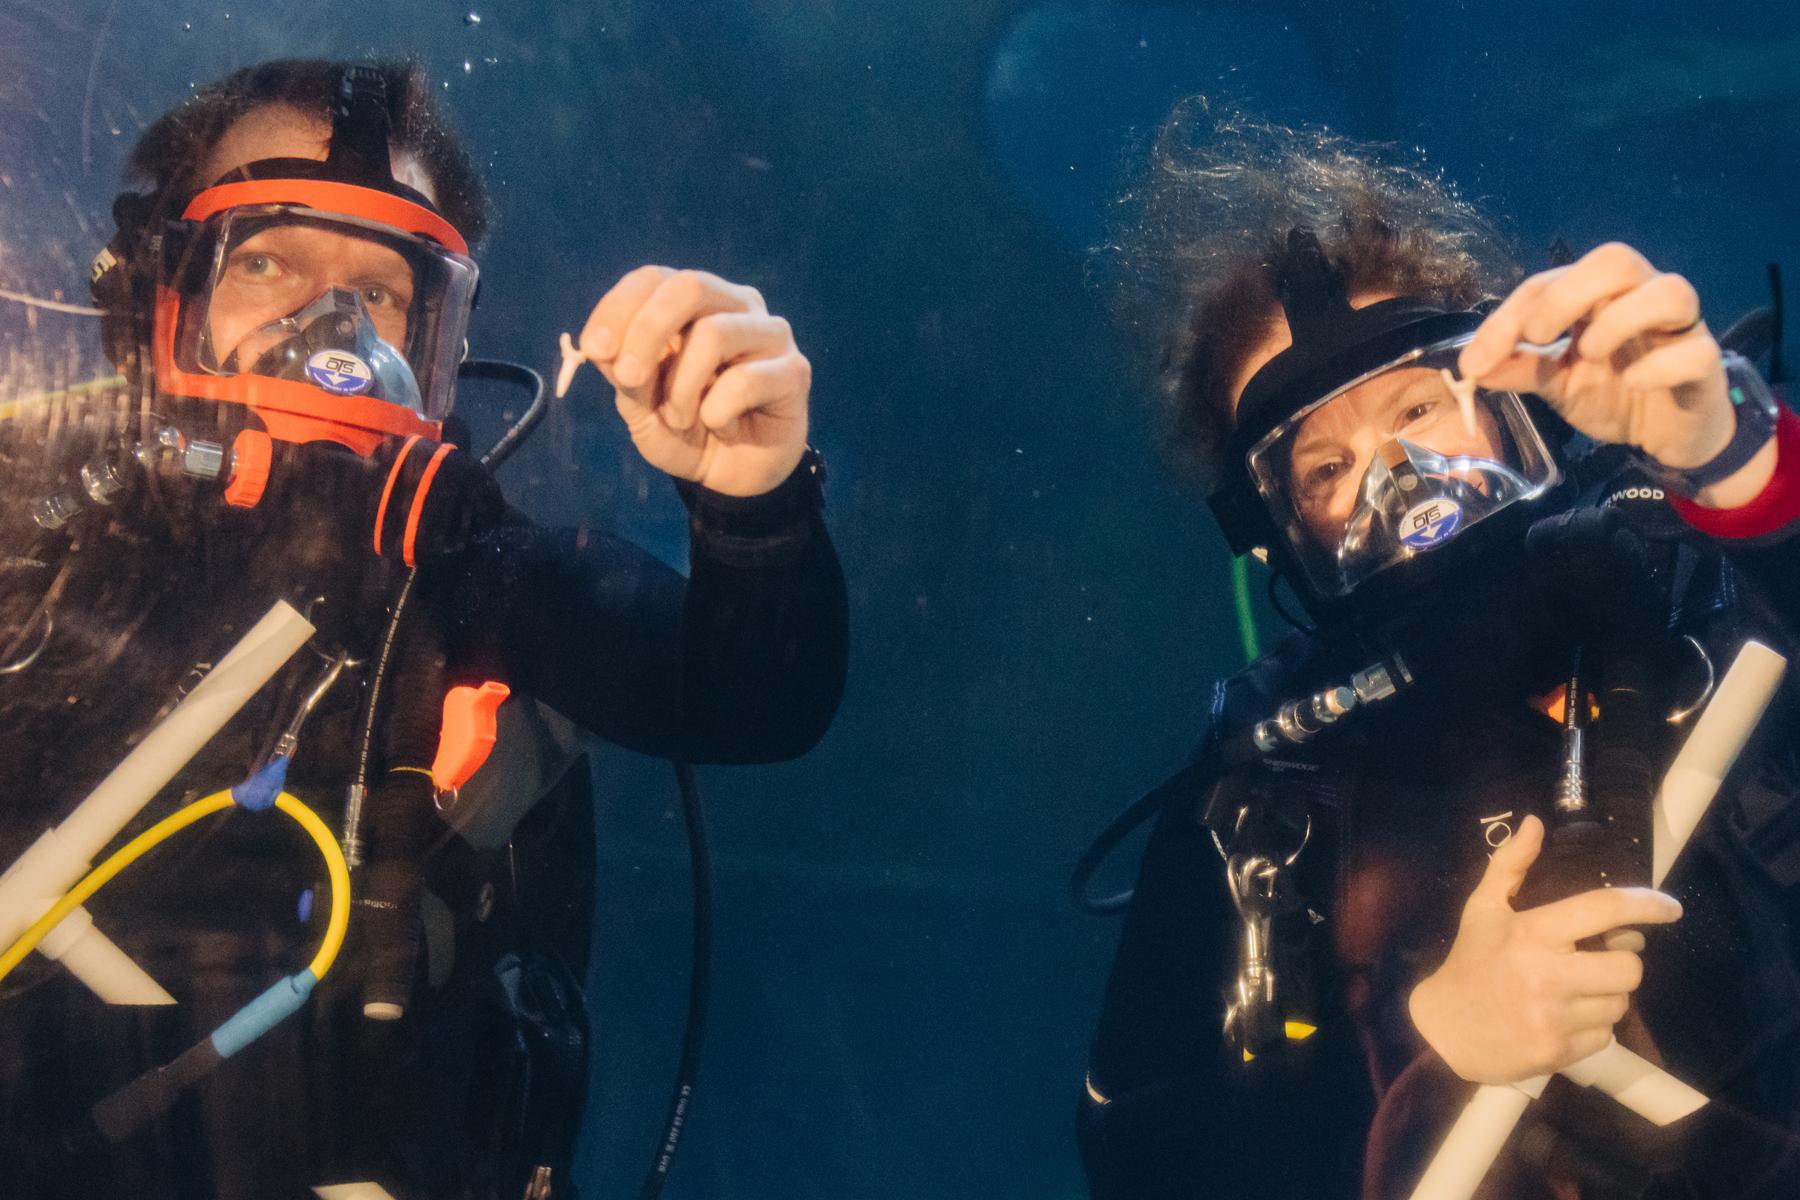 Scuba Divers at Greater Cleveland Aquarium